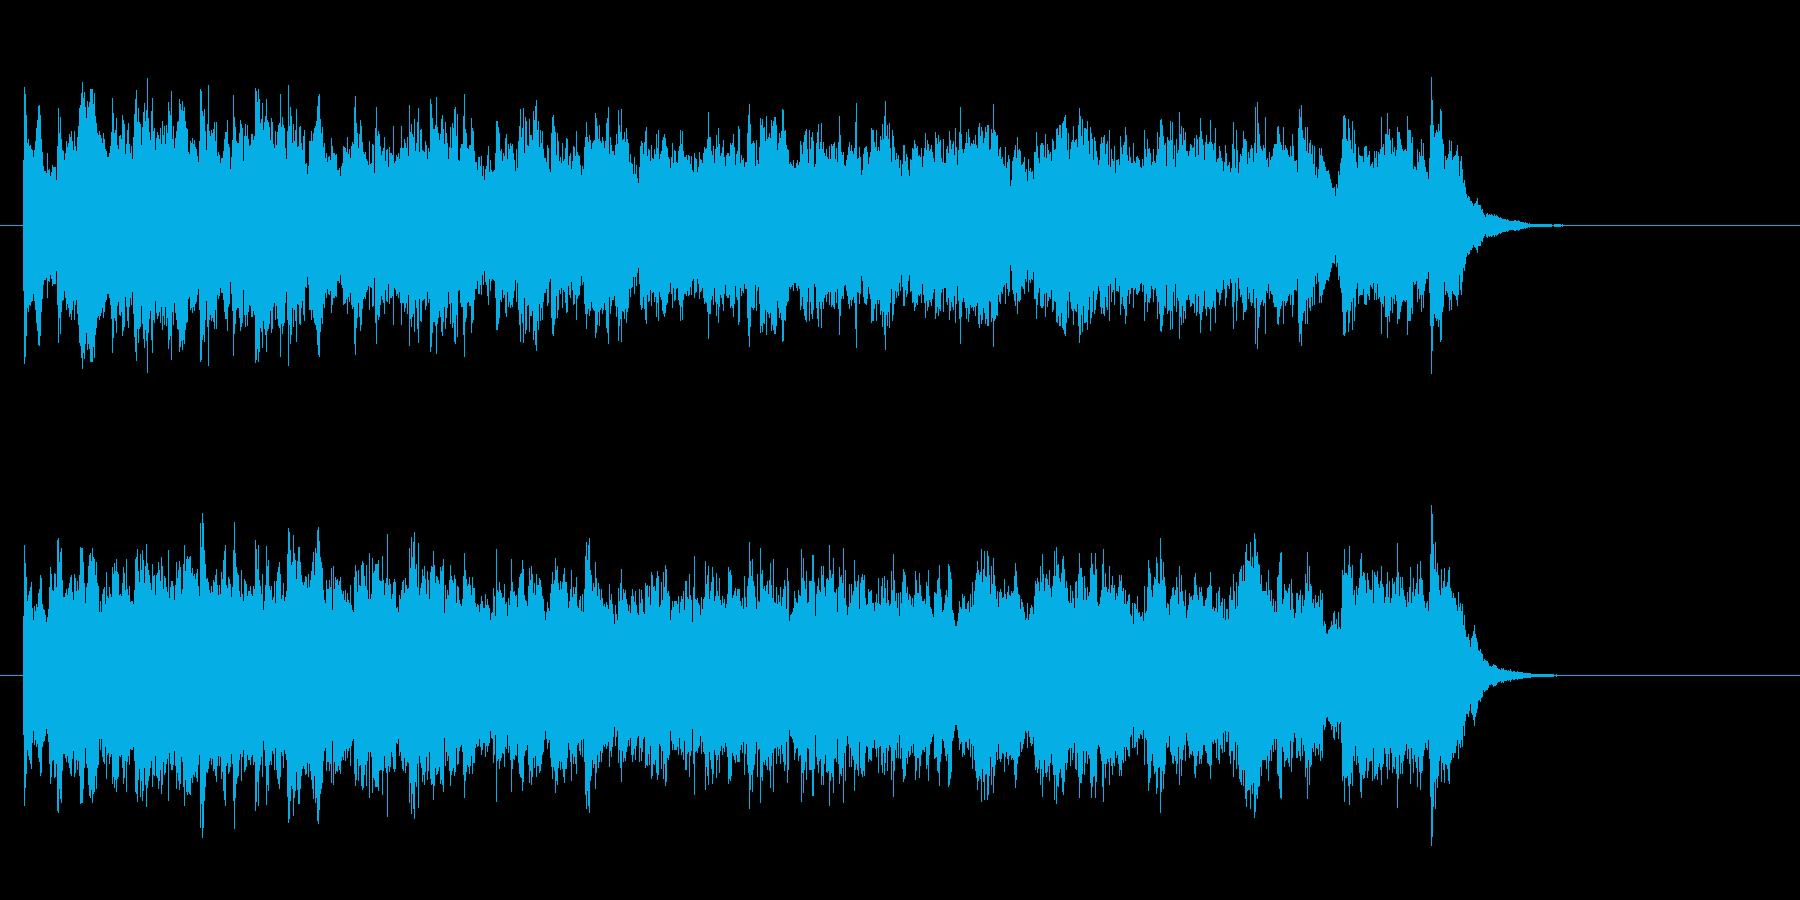 感傷的なピアノバラード(サビ)の再生済みの波形